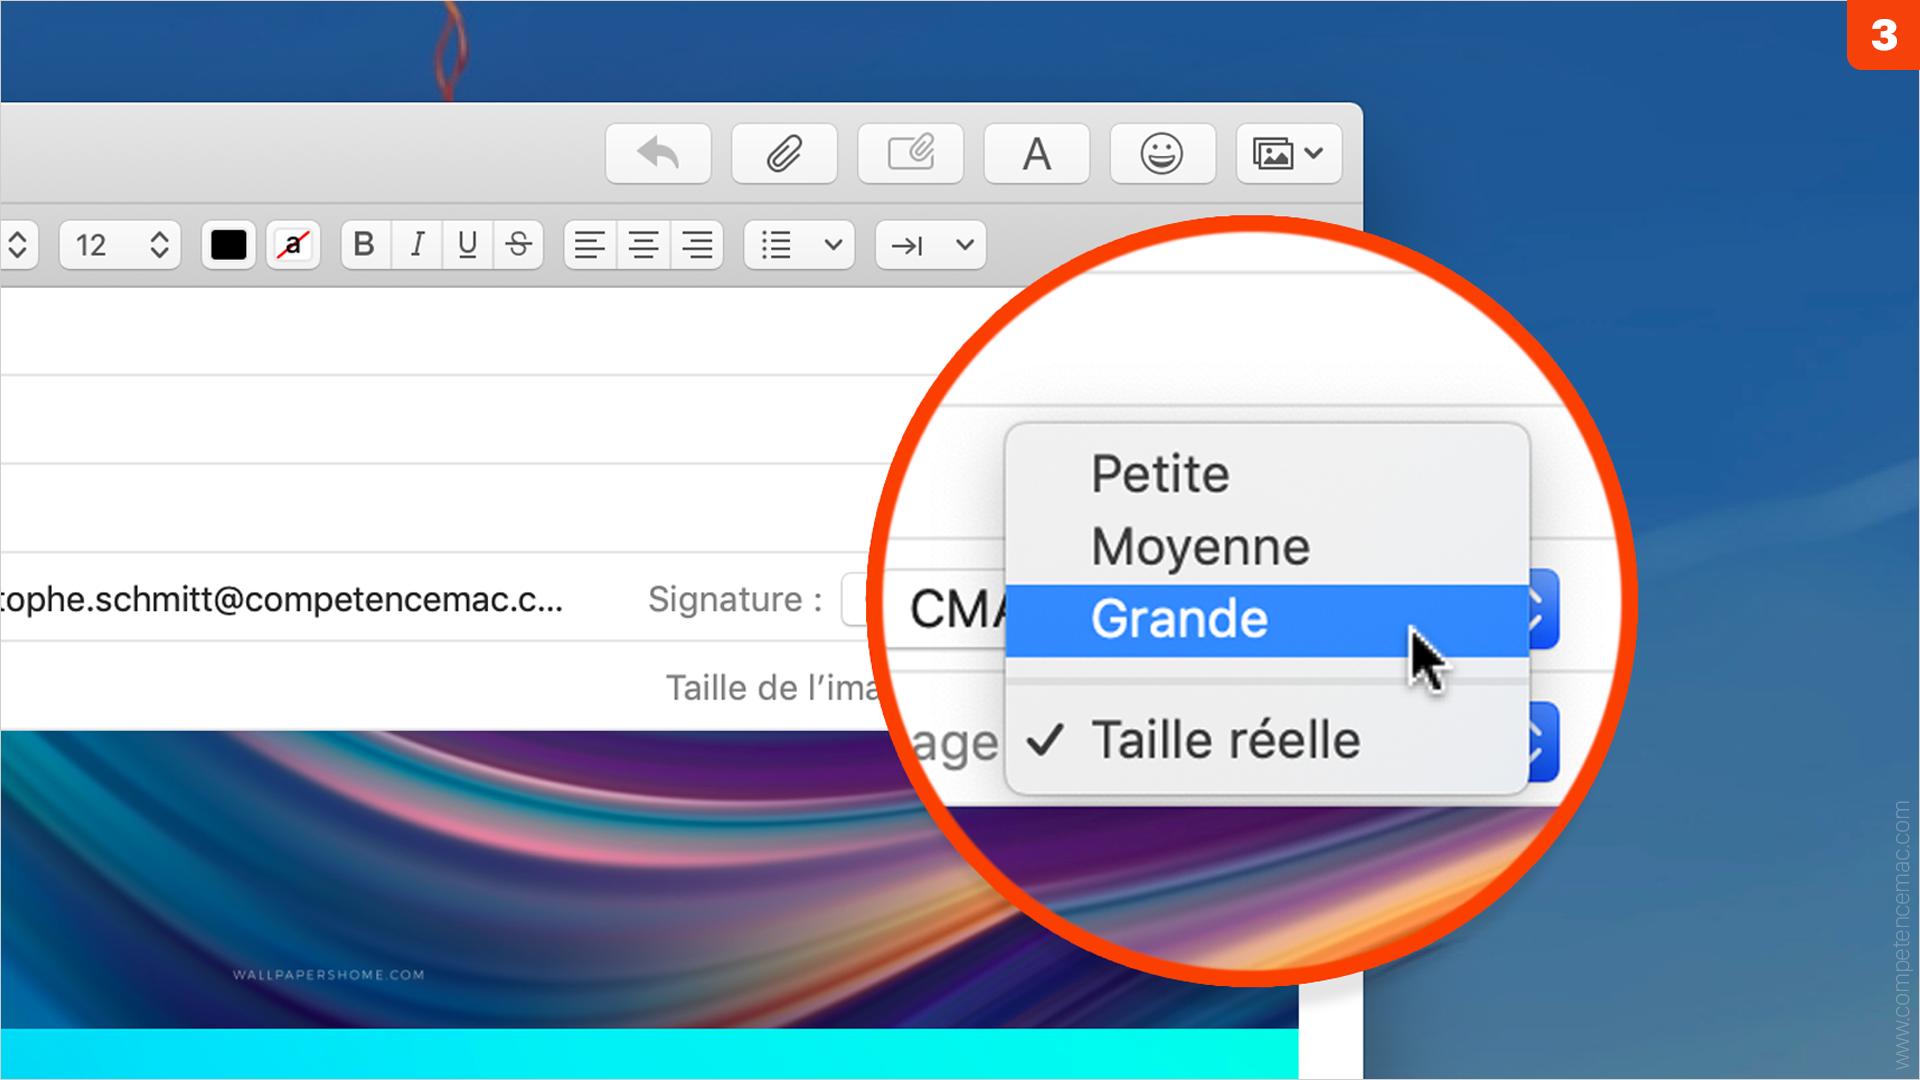 Taille de fichier • Réduisez le volume des pièces jointes dans Mail